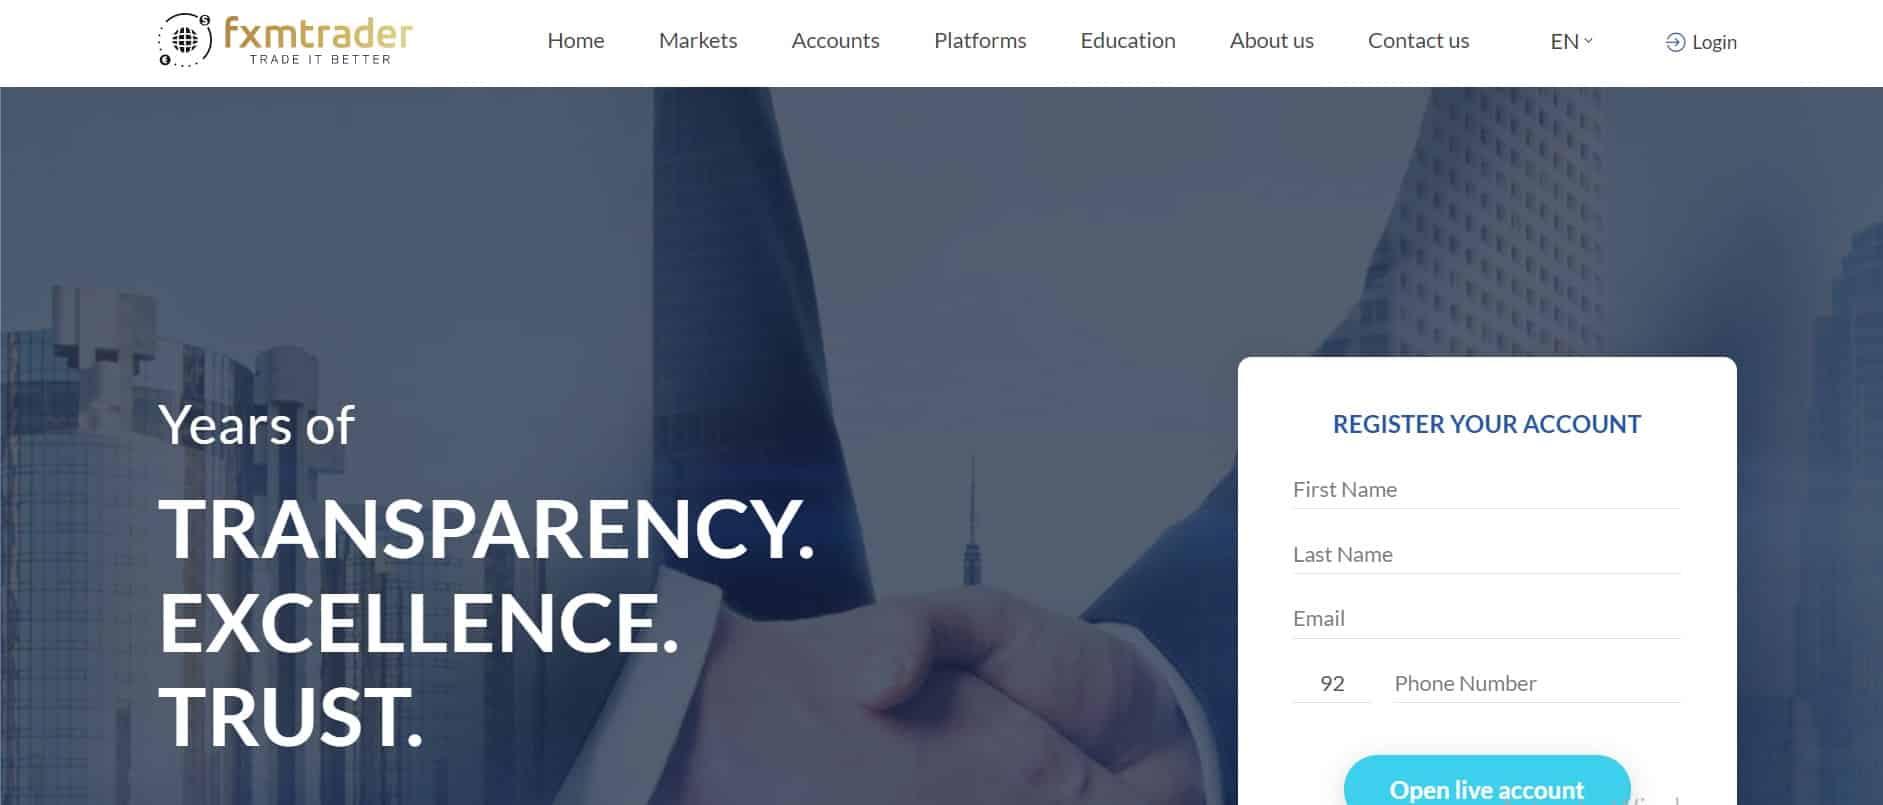 FxmTrader website